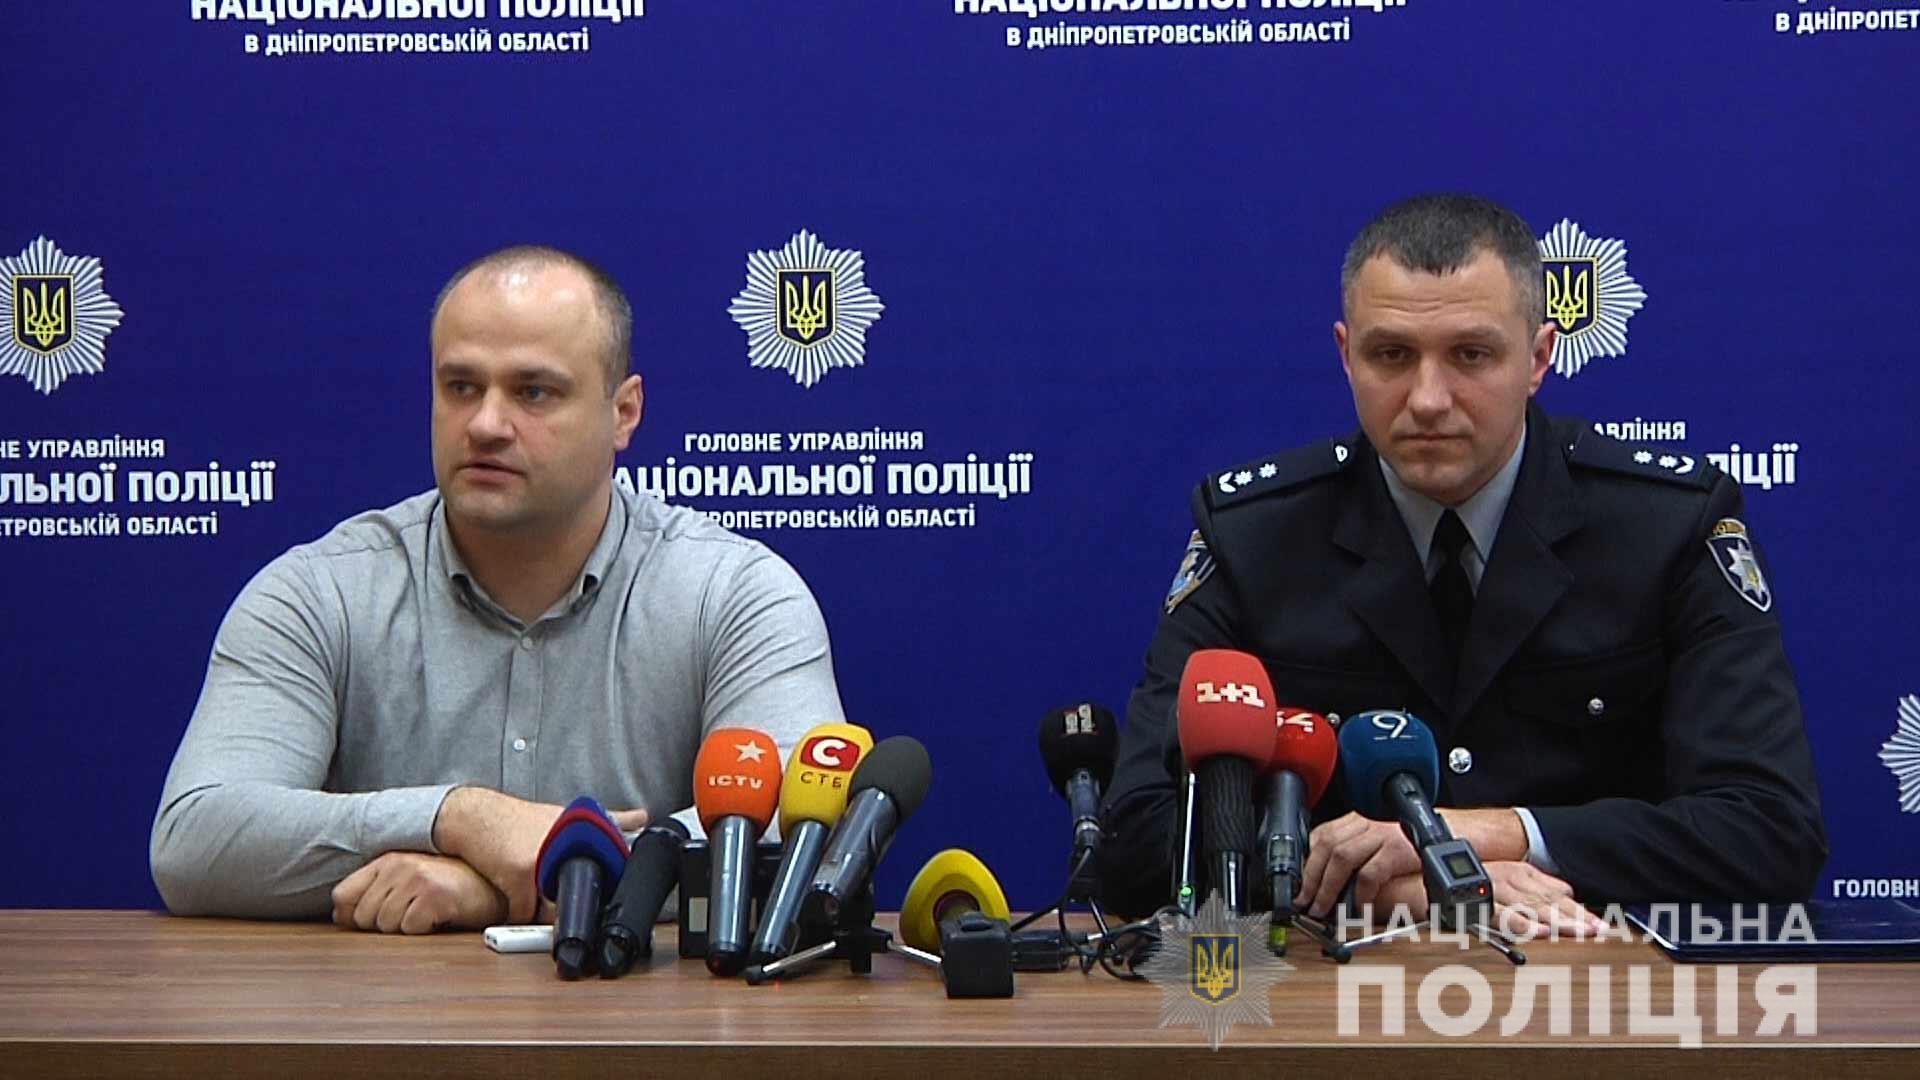 Полицейские задержали преступную группу